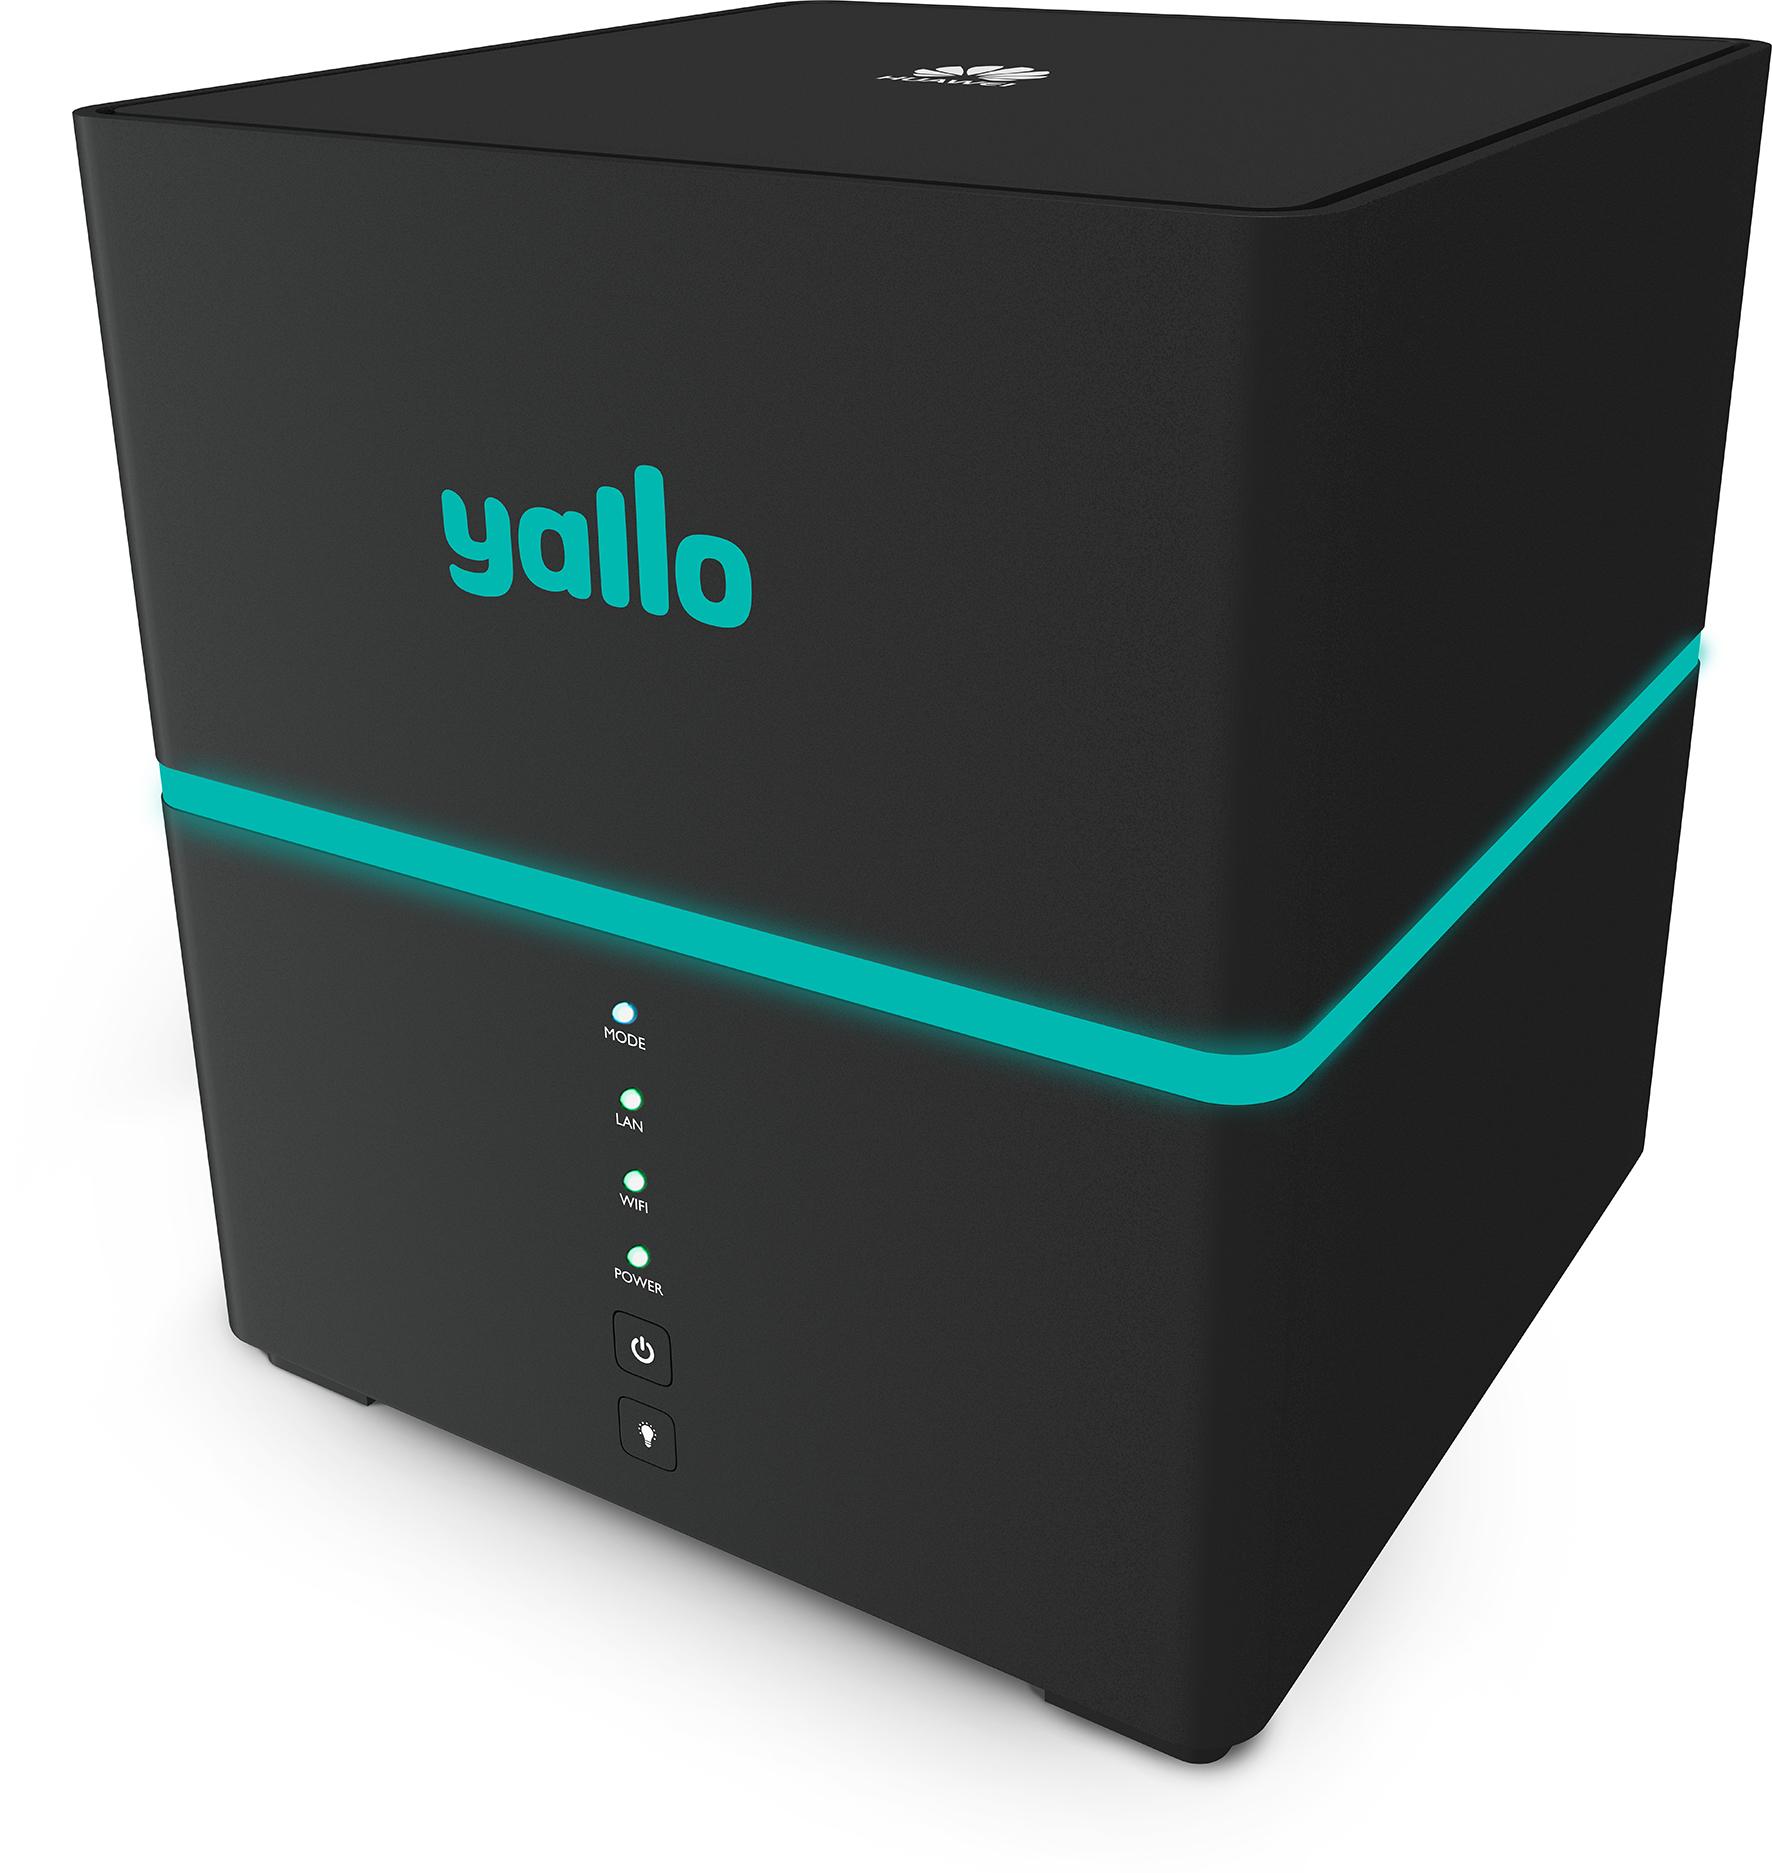 Yallo home il box per internet senza fili a casa mondo3 for Internet senza fili casa